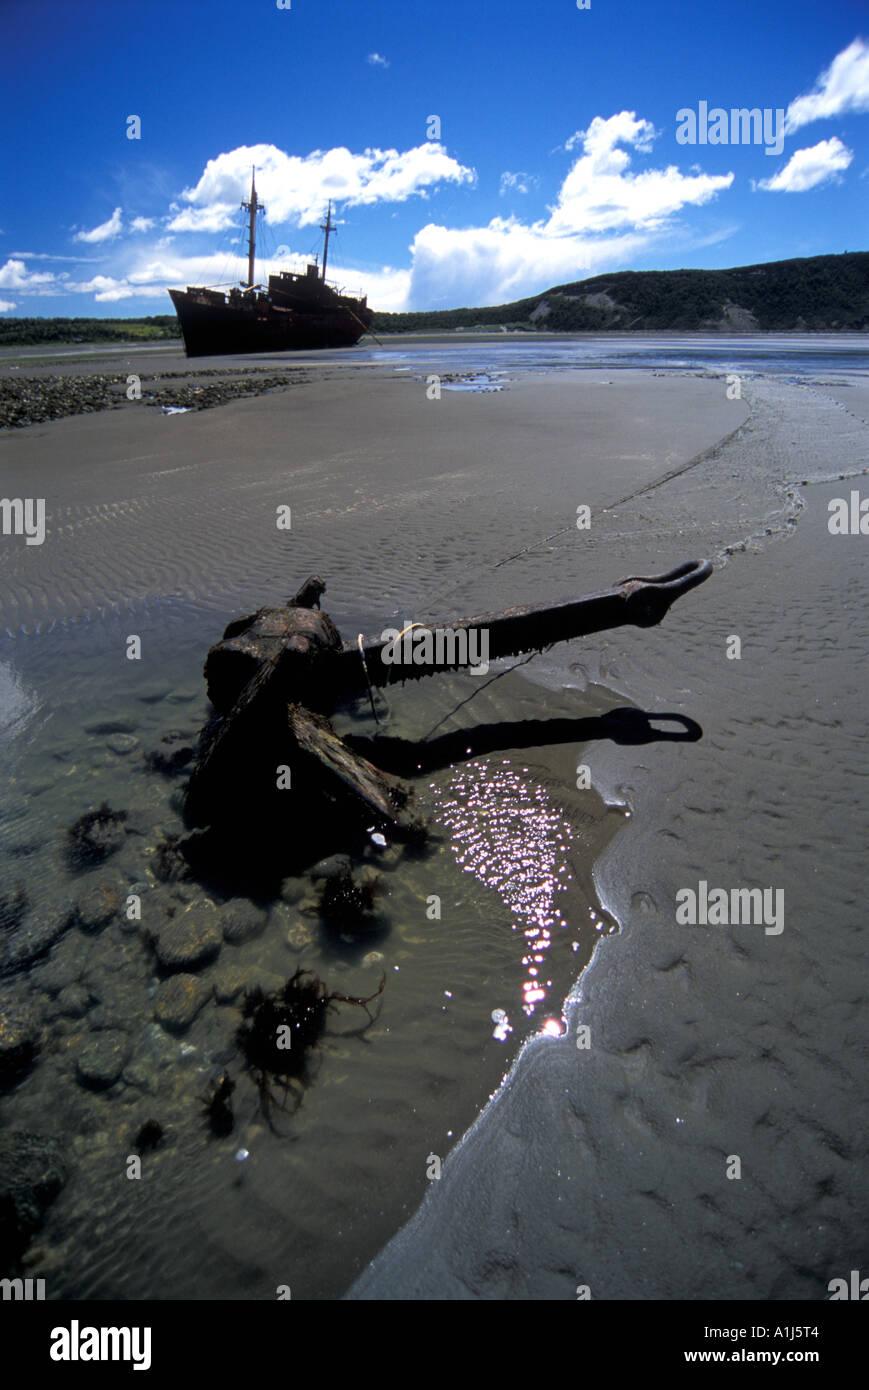 Desdemona Cargo Shipwreck in Cabo San Pablo, Tierra del Fuego, Argentina - Stock Image